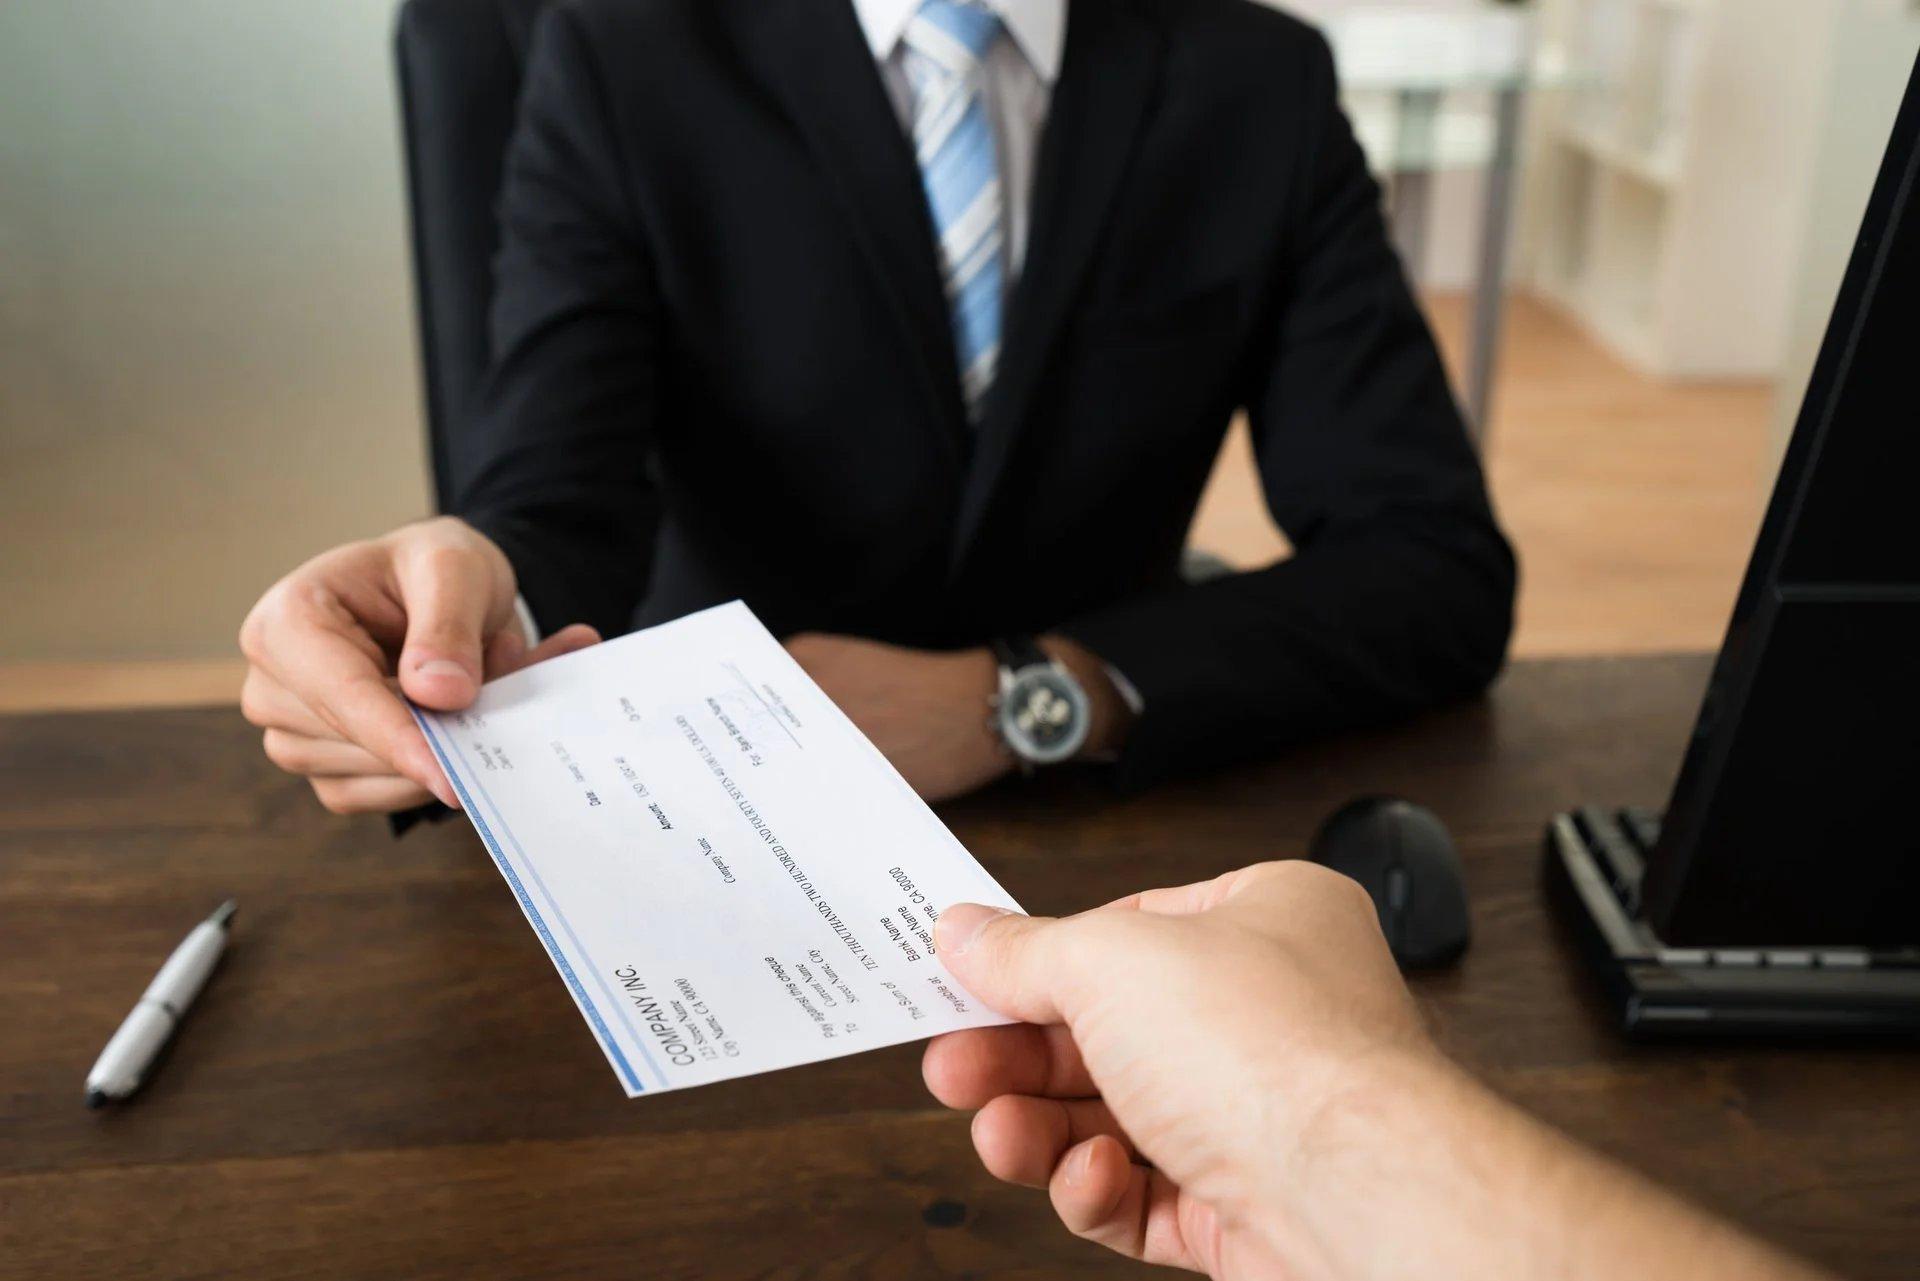 Assoluzione dal reato di falsità in titolo di credito